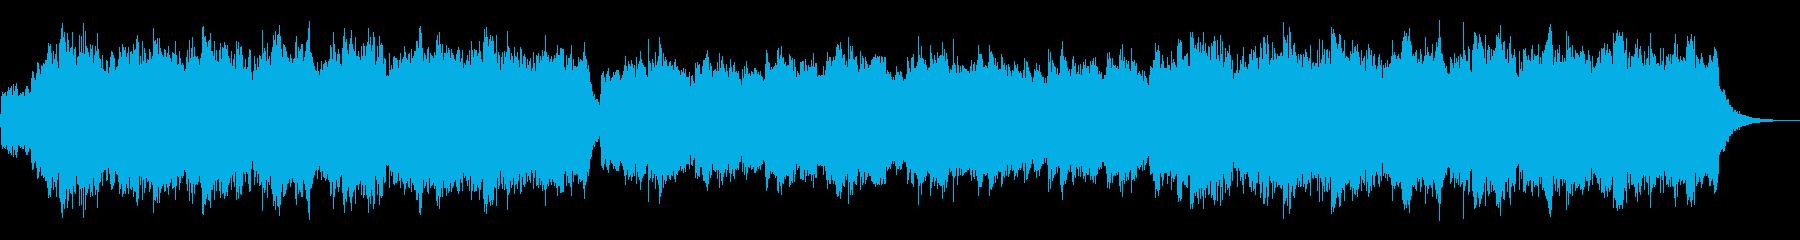 中世RPGのお城をイメージしたBGMの再生済みの波形